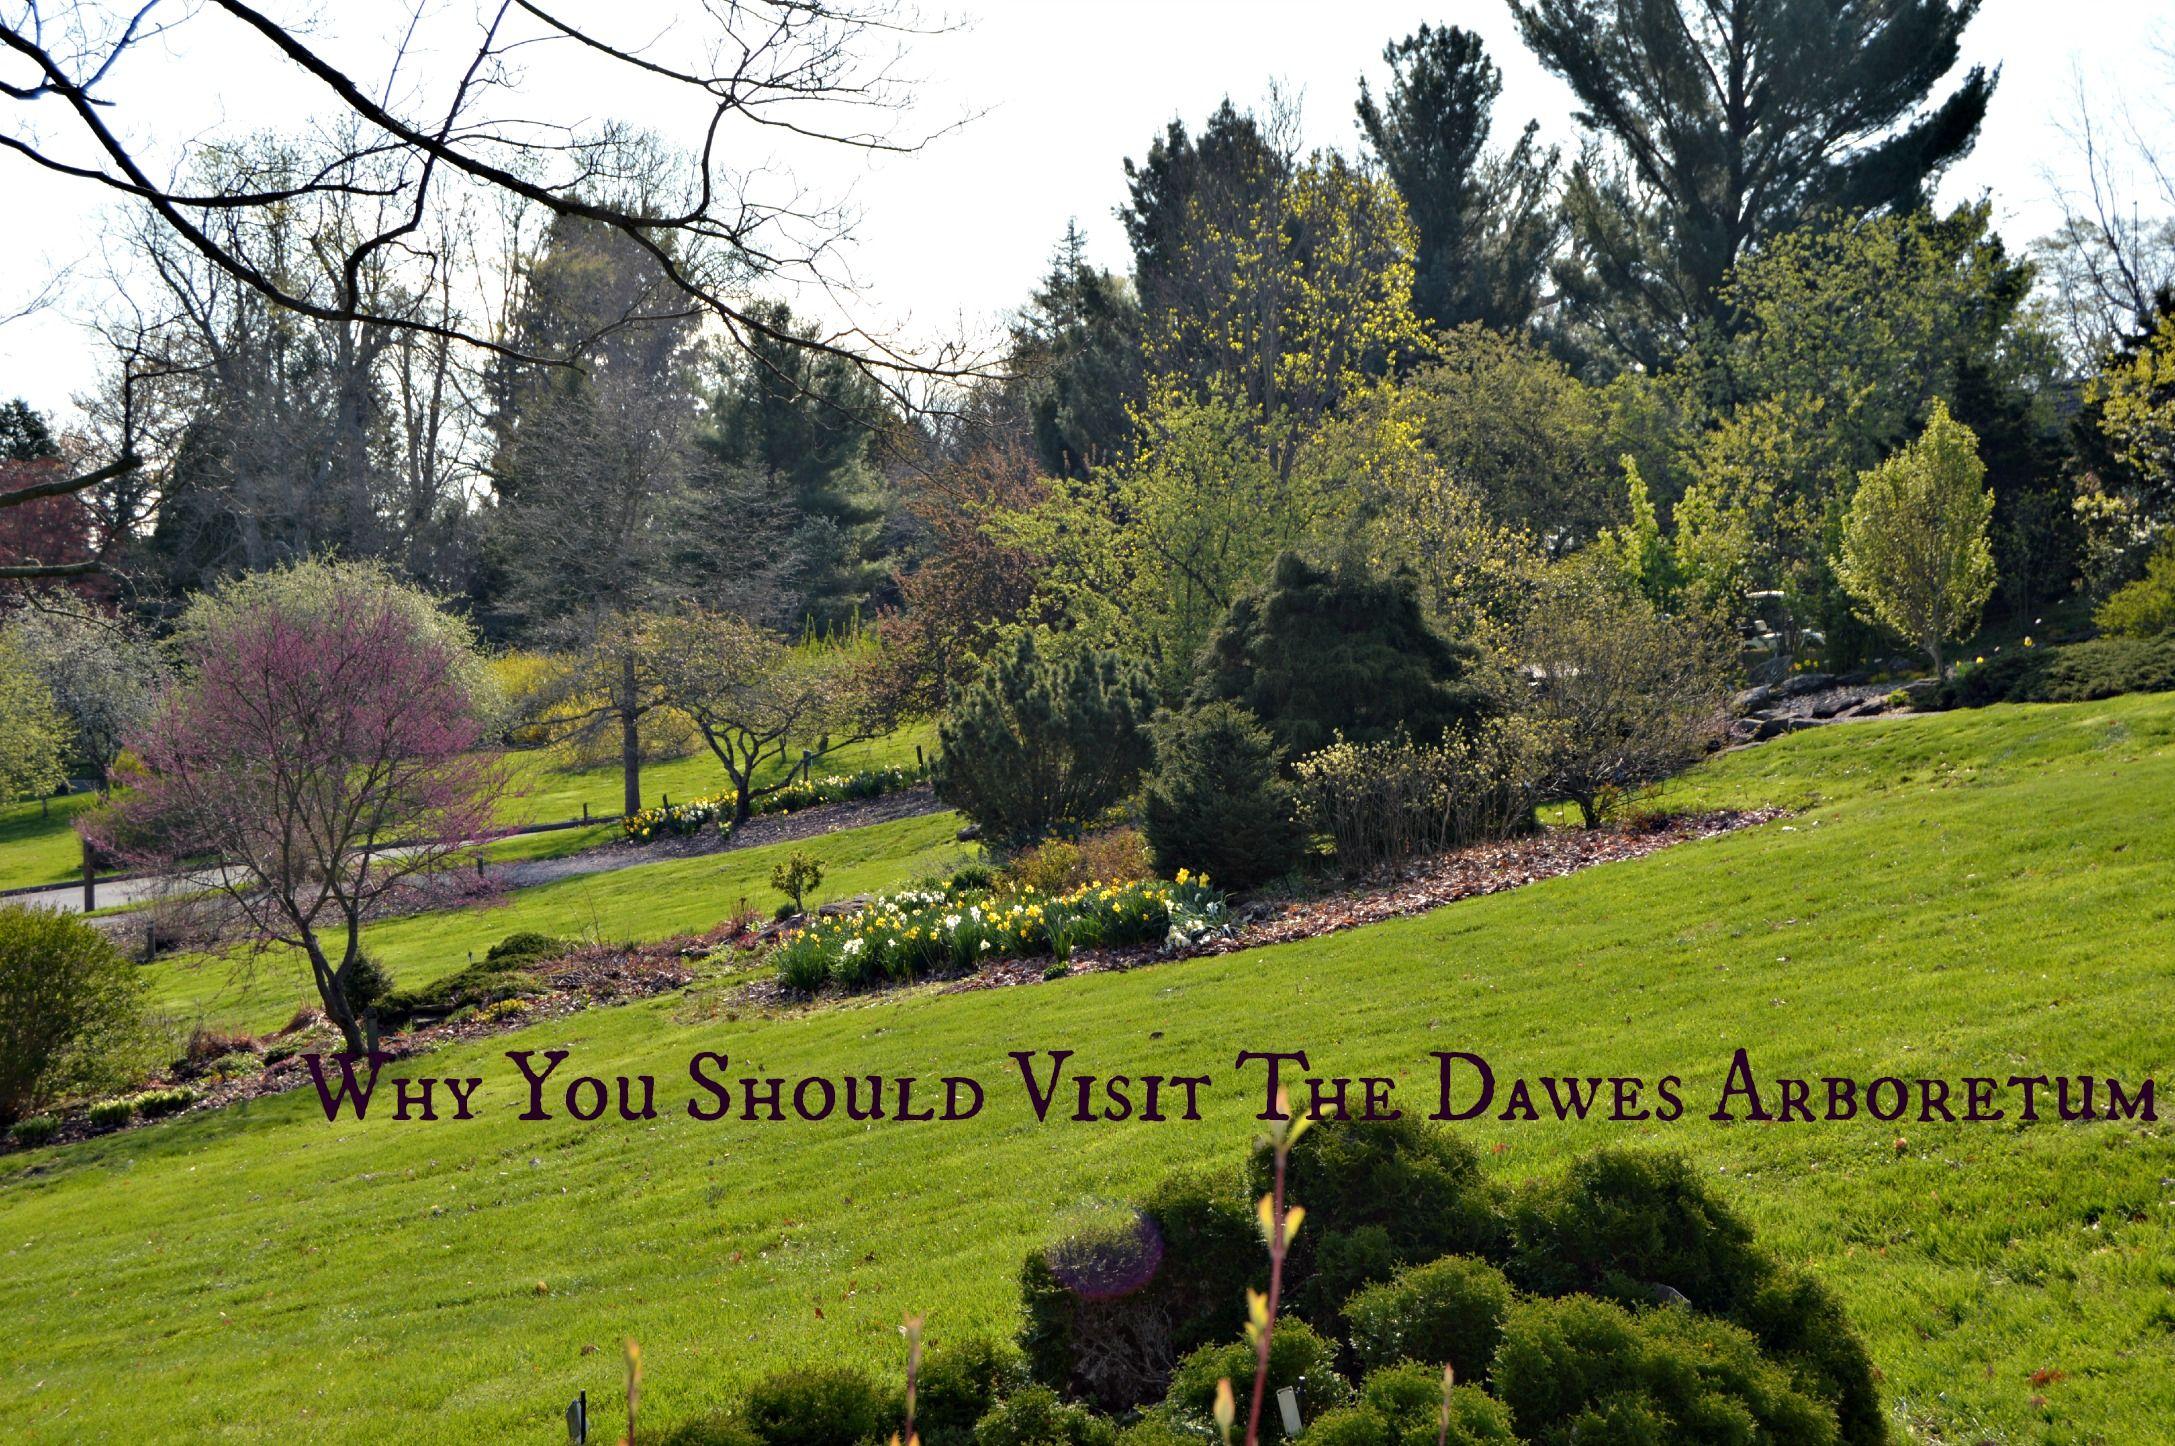 Visiting The Dawes Arboretum Gem Of Central Ohio Scenery